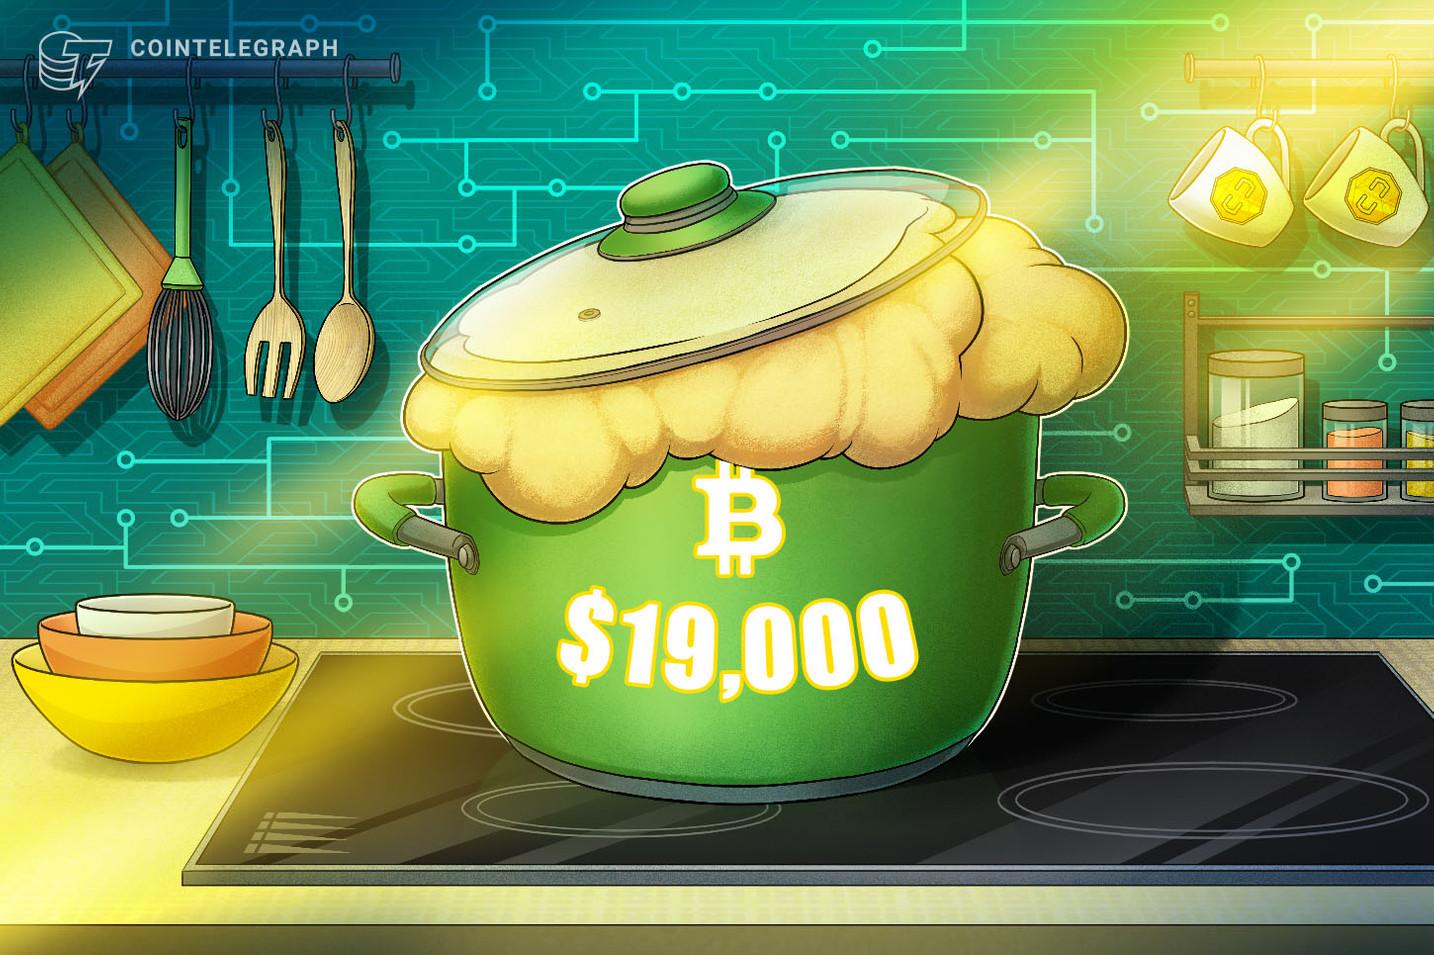 Bitcoin fiyatı yeniden 19 bin doları geçti!